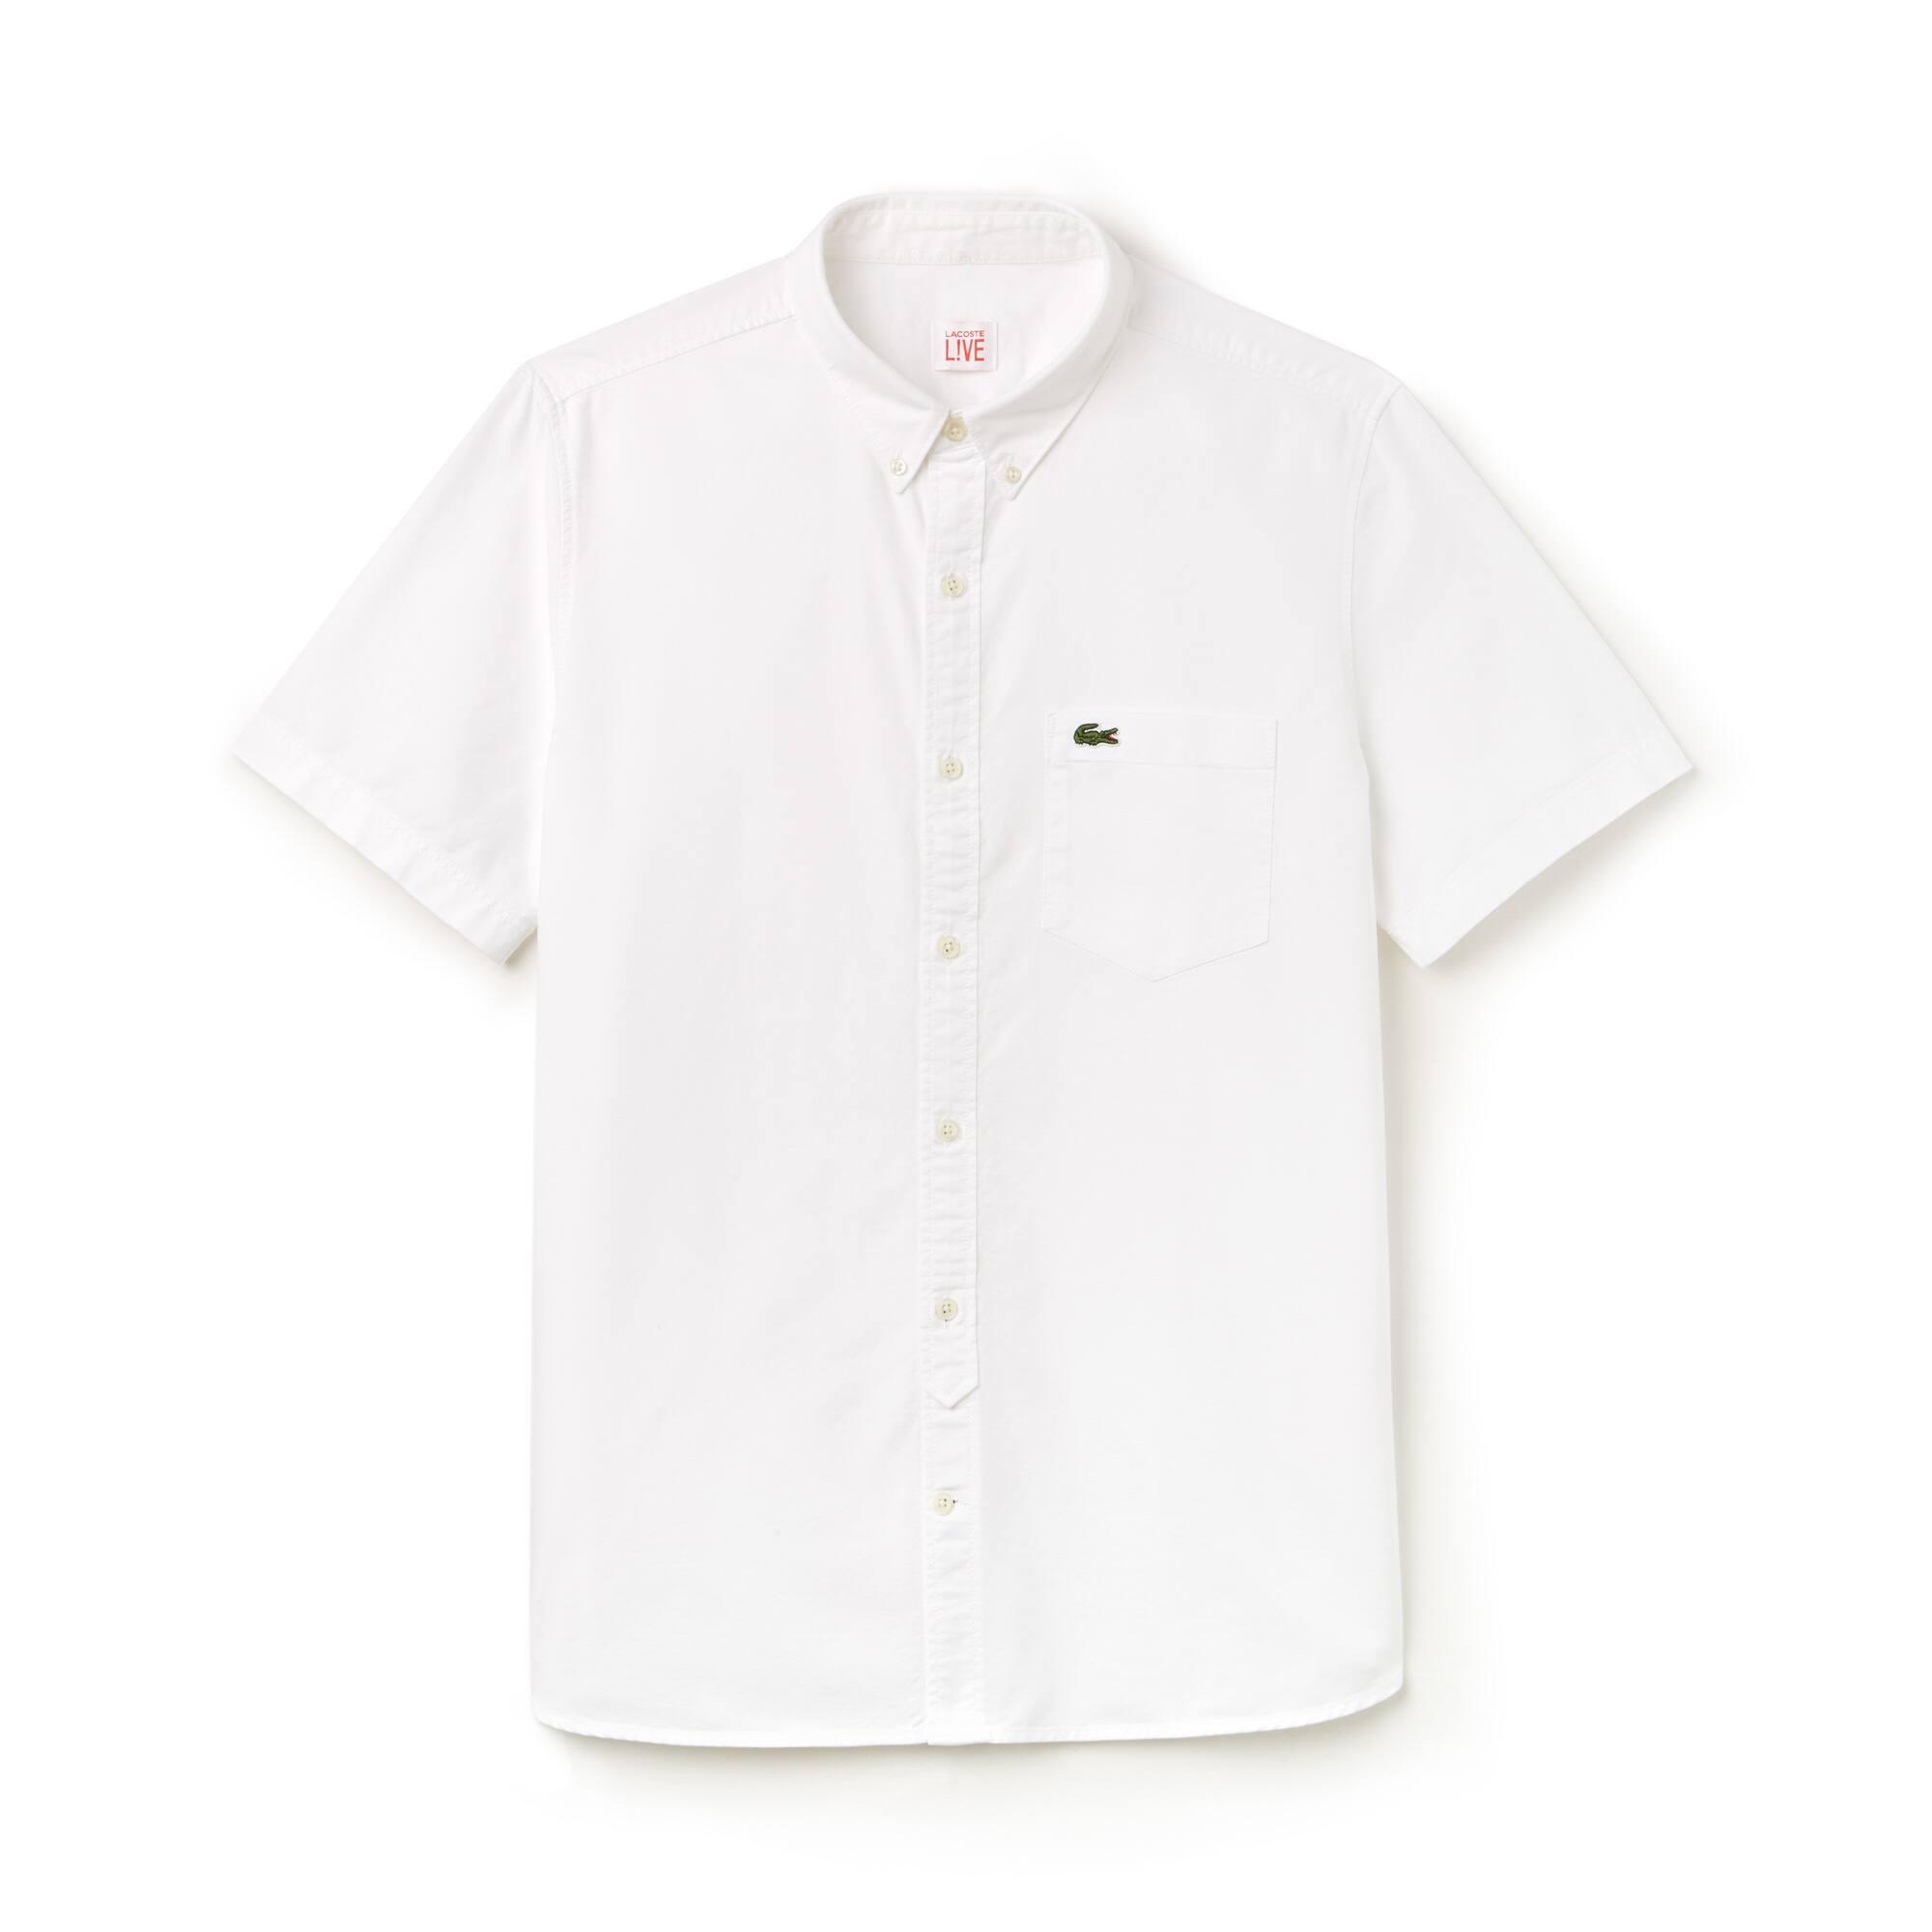 Camisa Lacoste LIVE de manga curta em algodão Oxford unicolor